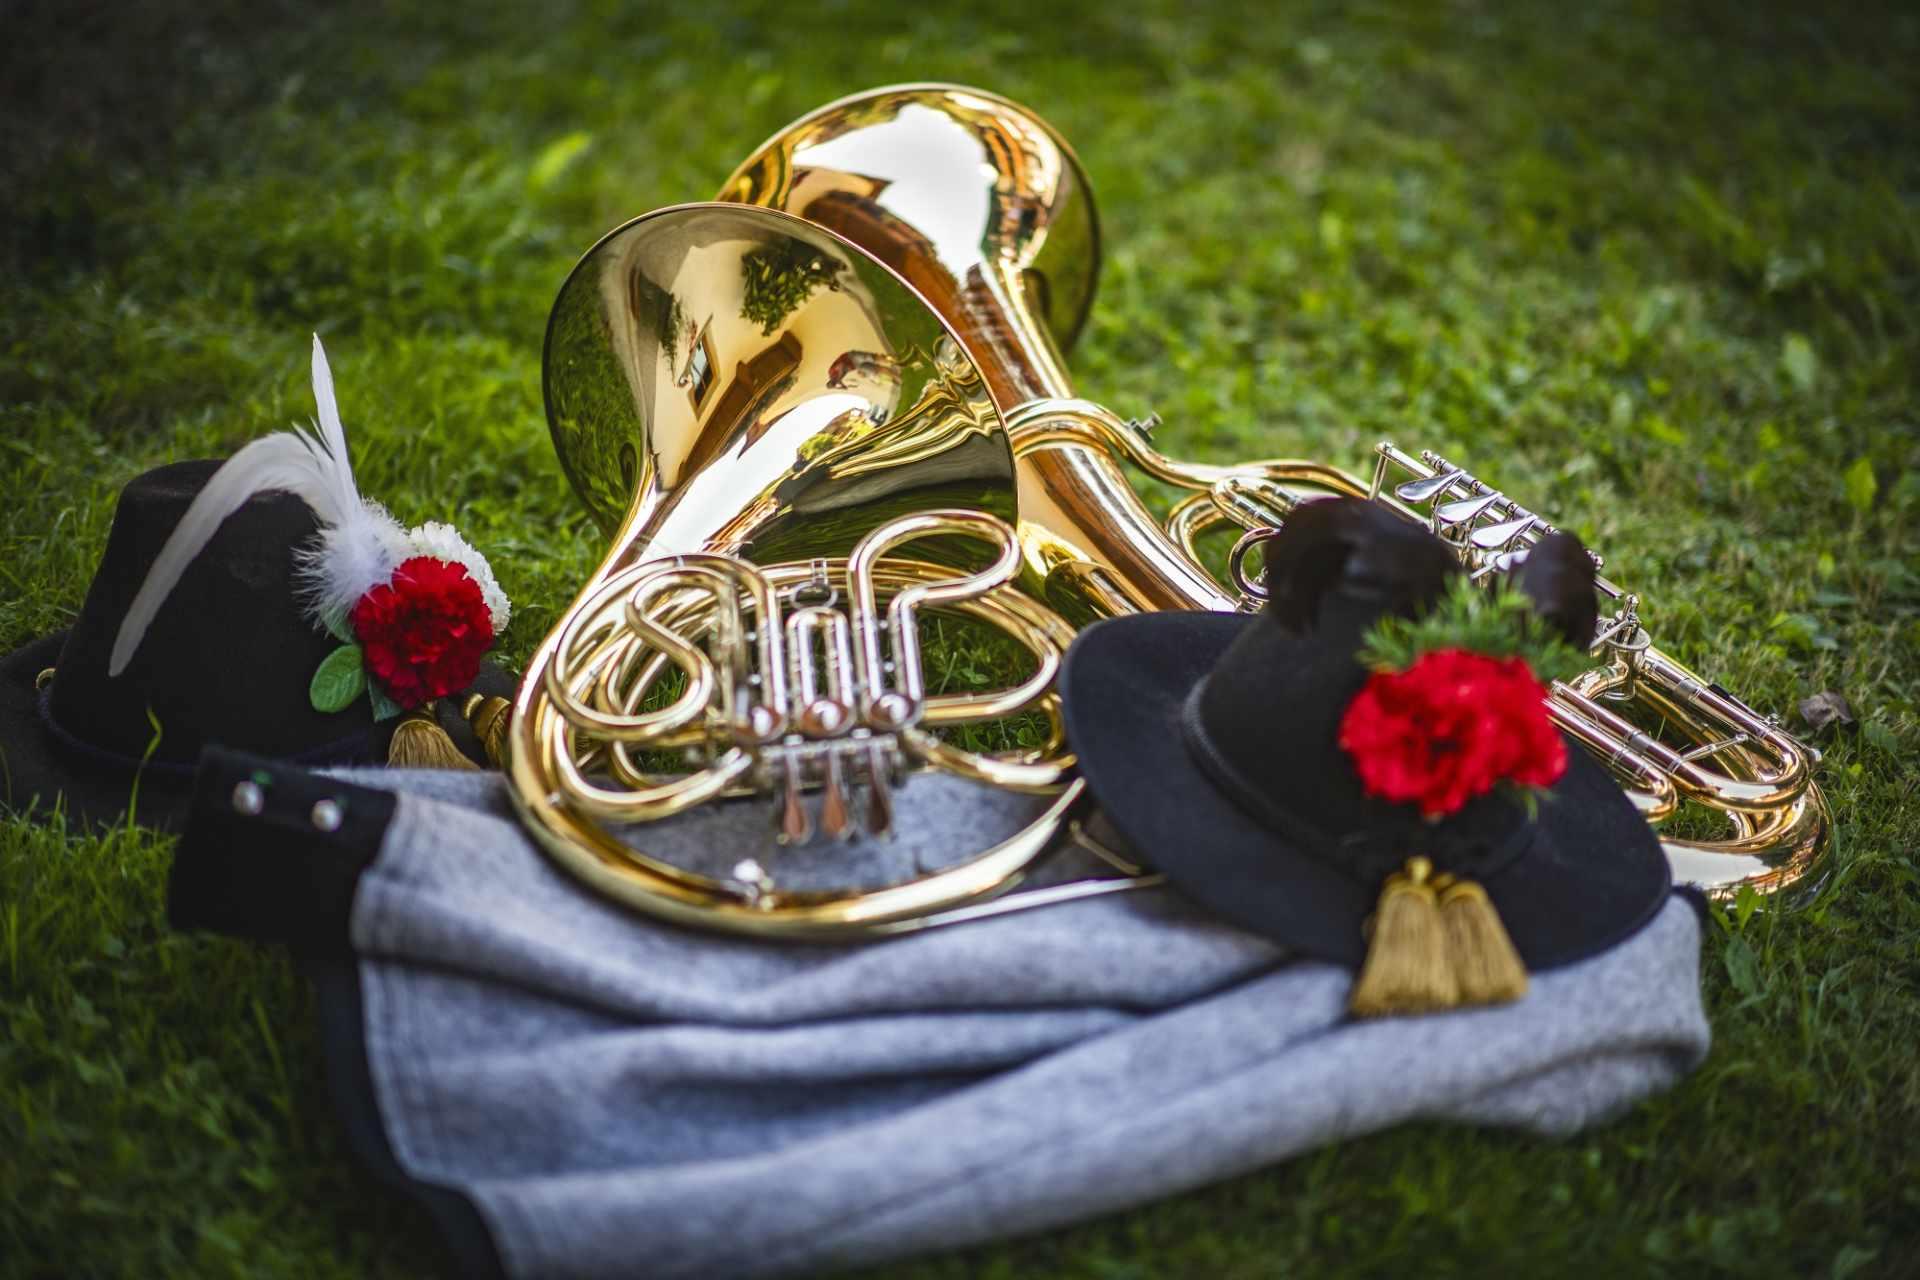 Blasmusikinstrumente in einer Wiese liegend